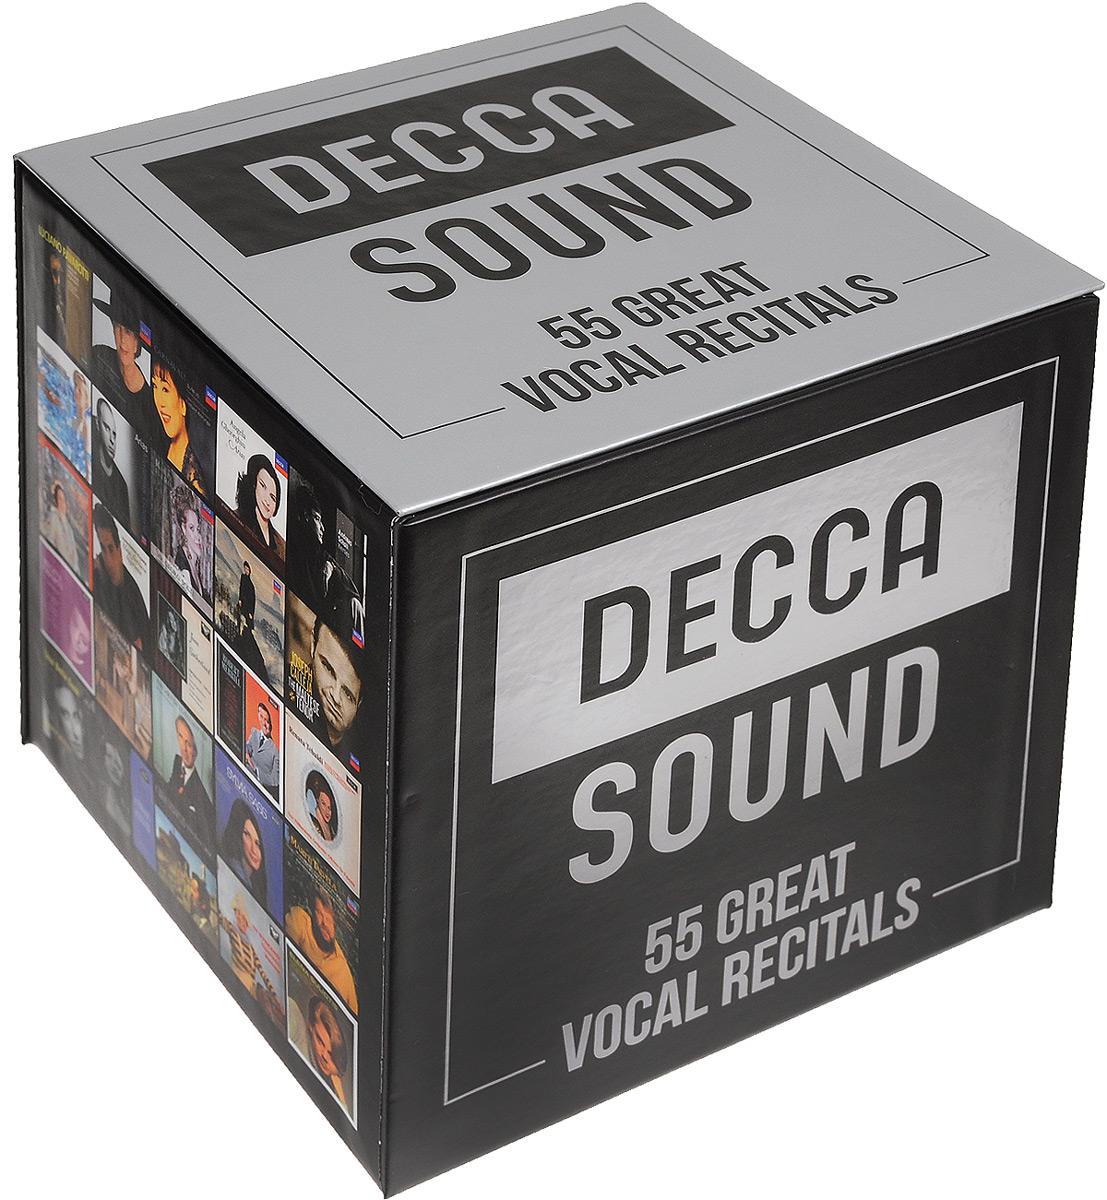 Decca Sound. The Great Vocal Recitals (55 CD)